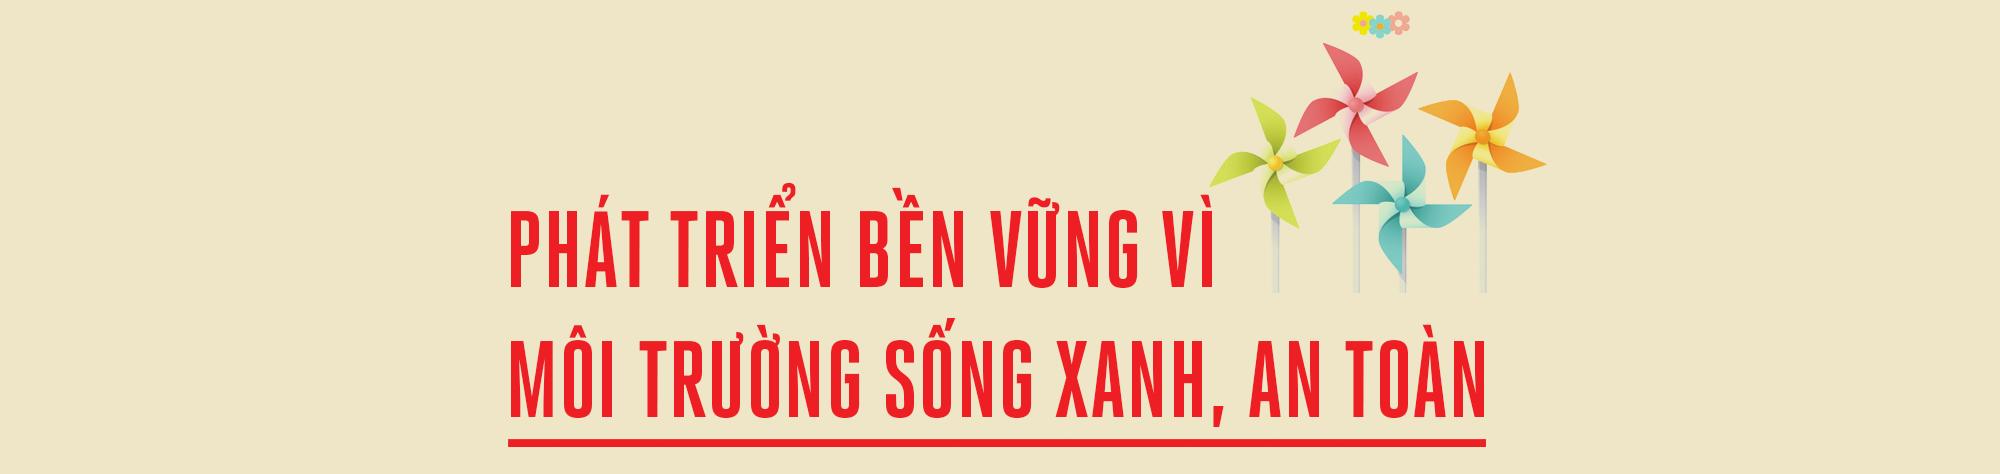 Benny Electronics và hành trình chiếm lĩnh trái tim người tiêu dùng Việt - Ảnh 8.